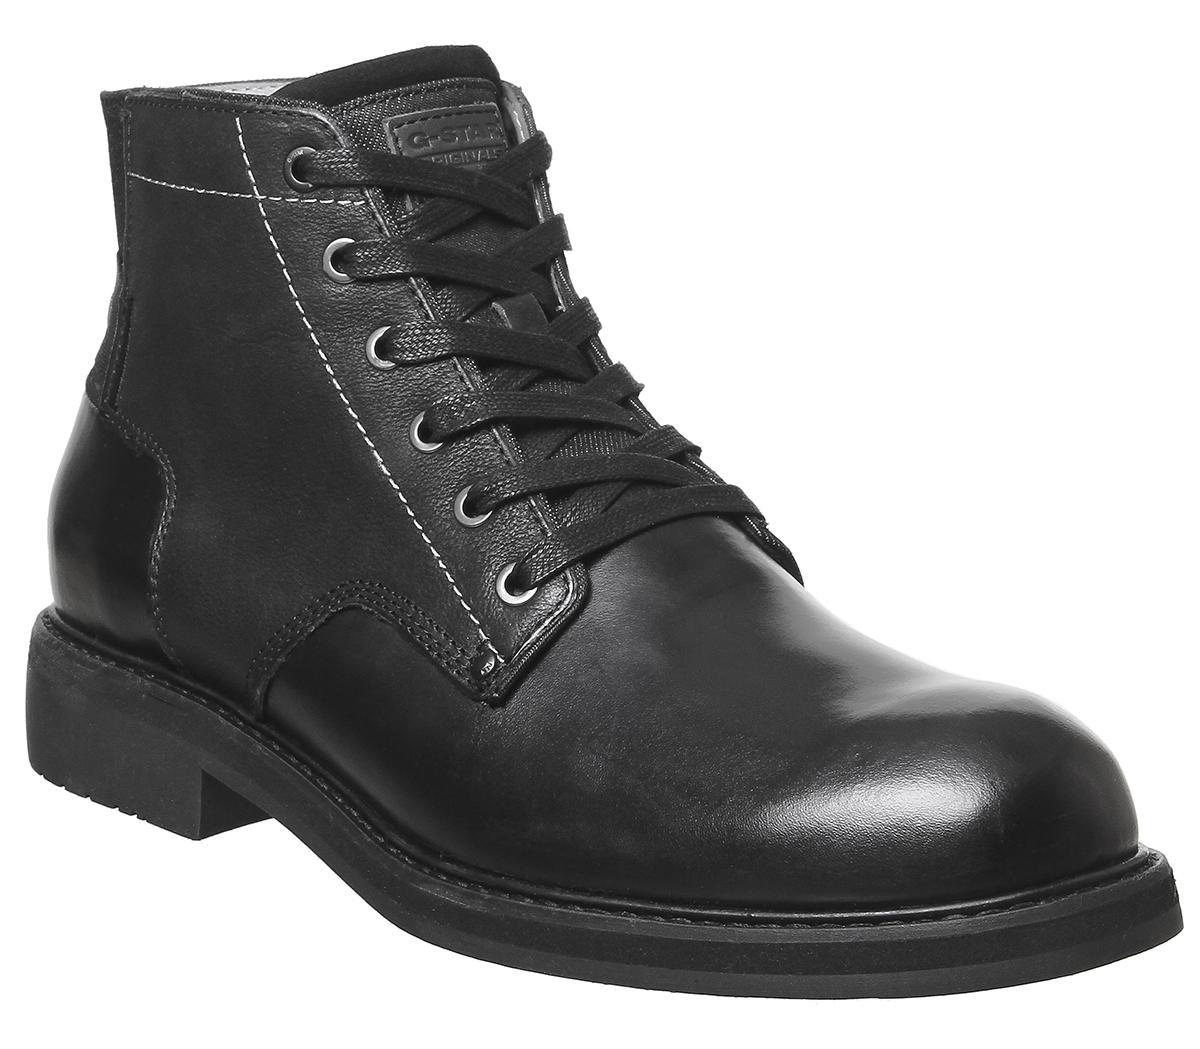 Garber Derby Boots